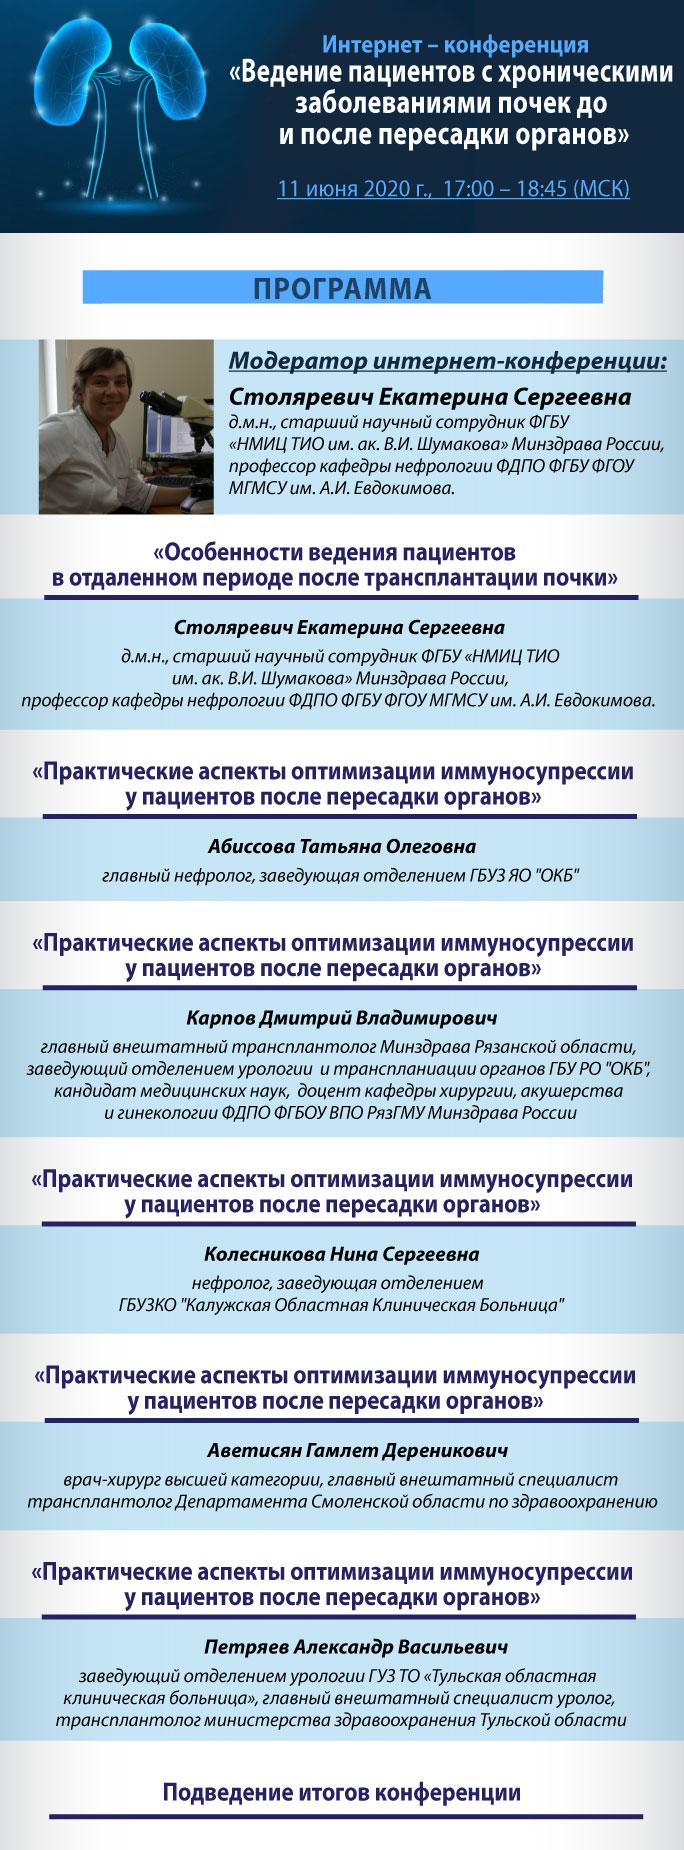 Интернет – конференция «Ведение пациентов с хроническими заболеваниями почек до и после пересадки органов»